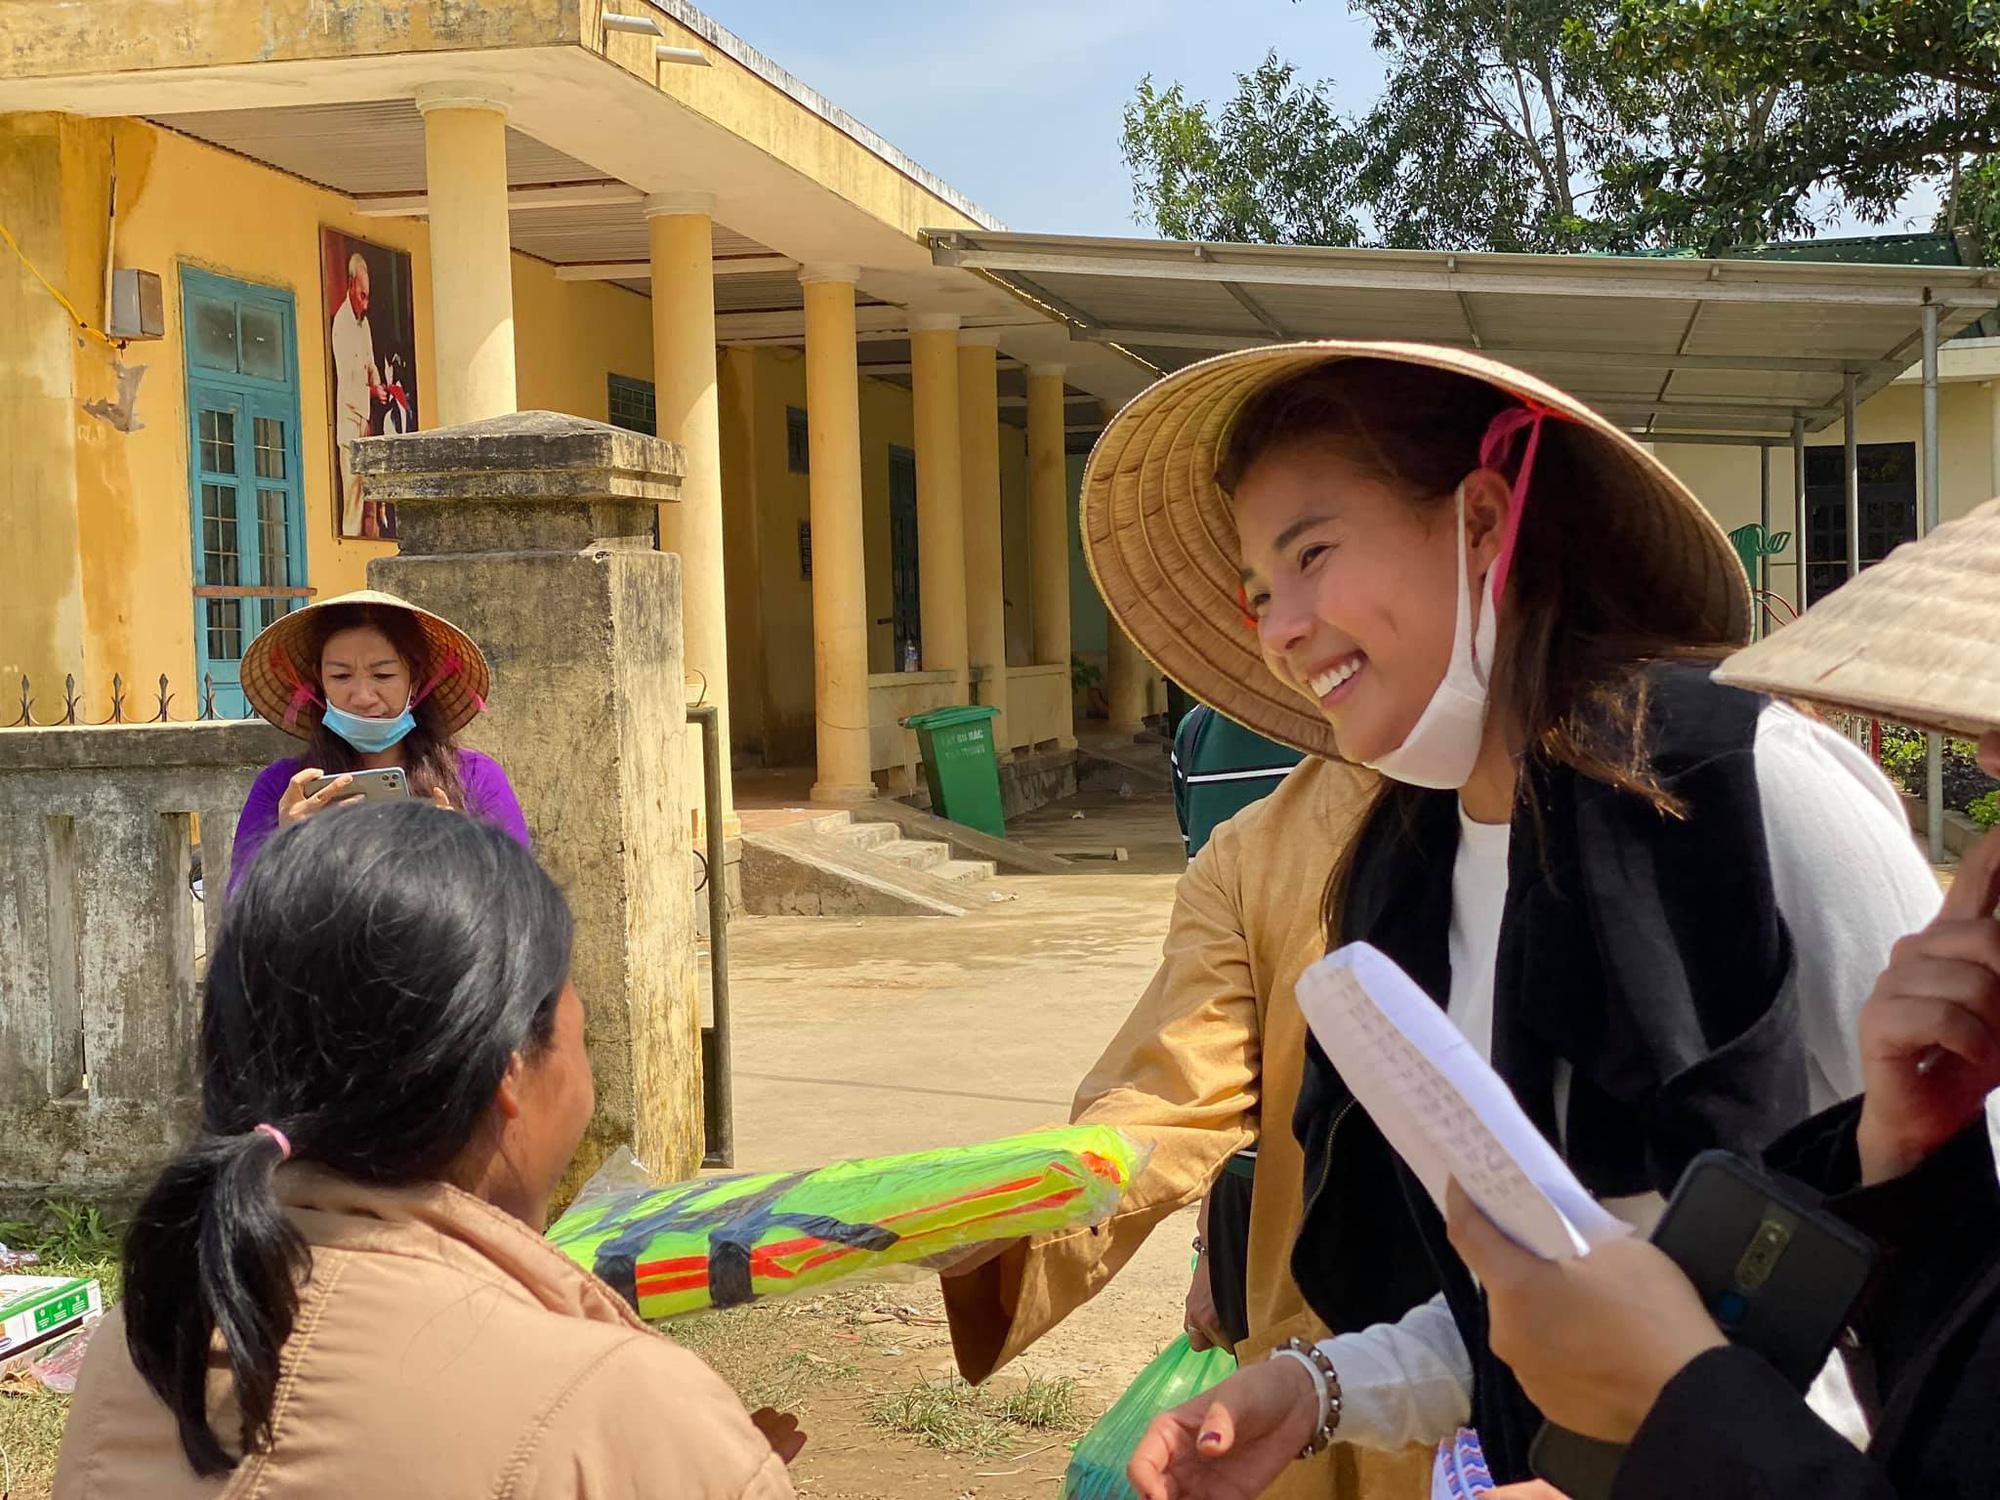 Bị so sánh với Thủy Tiên, diễn viên Thúy Diễm nói điều bất ngờ - Ảnh 4.